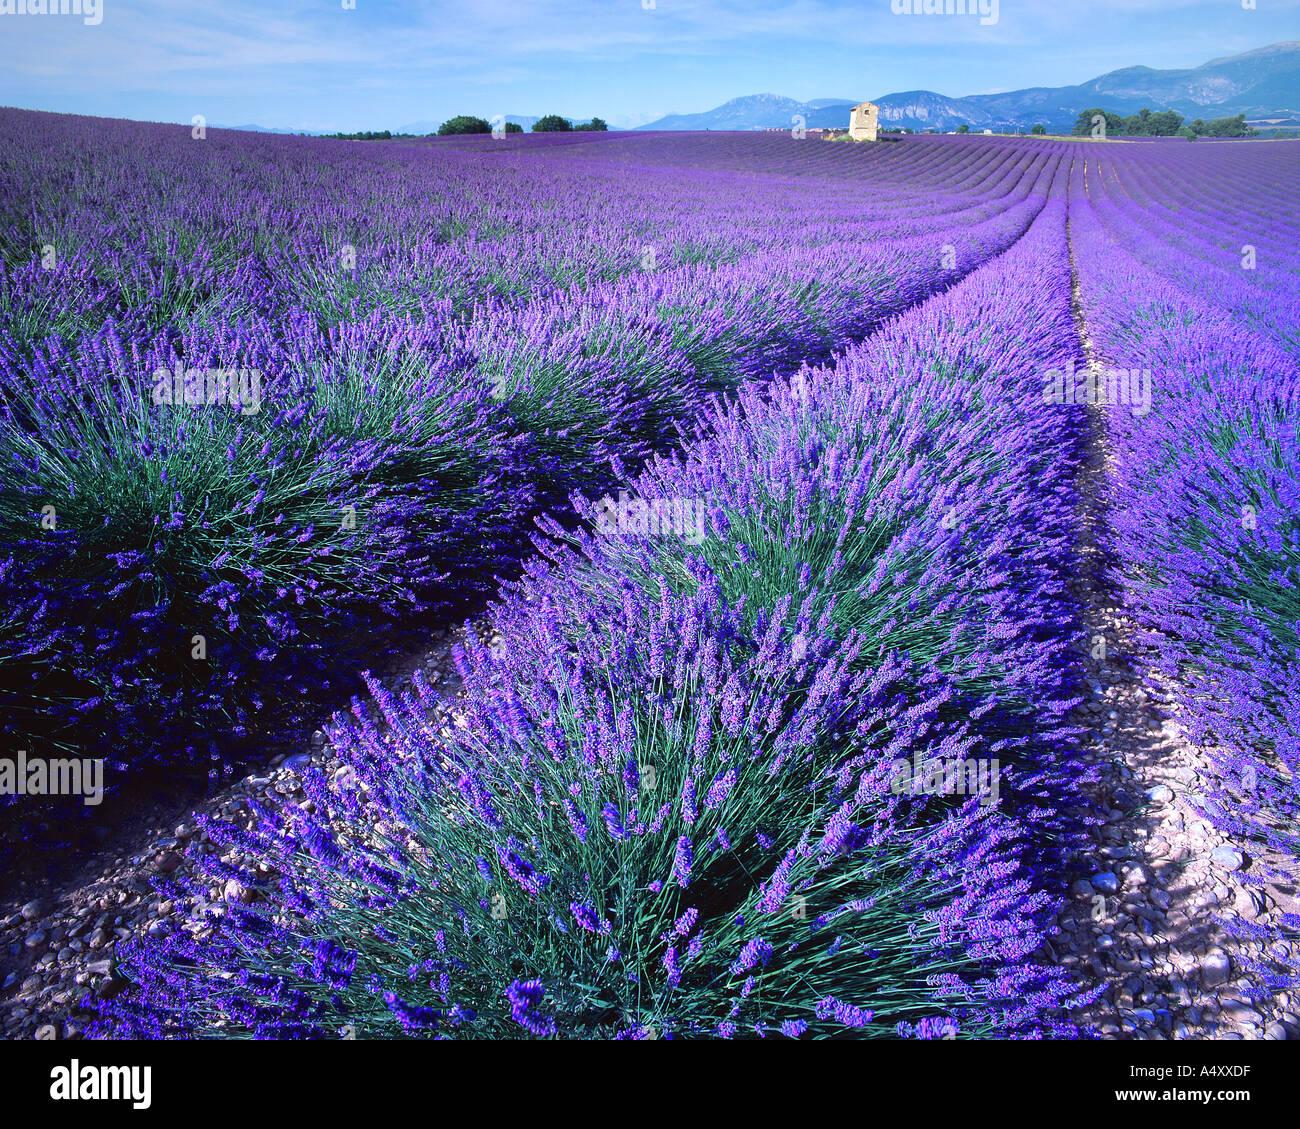 FR - ALPES DE HAUTE PROVENCE: Lavender Field - Stock Image